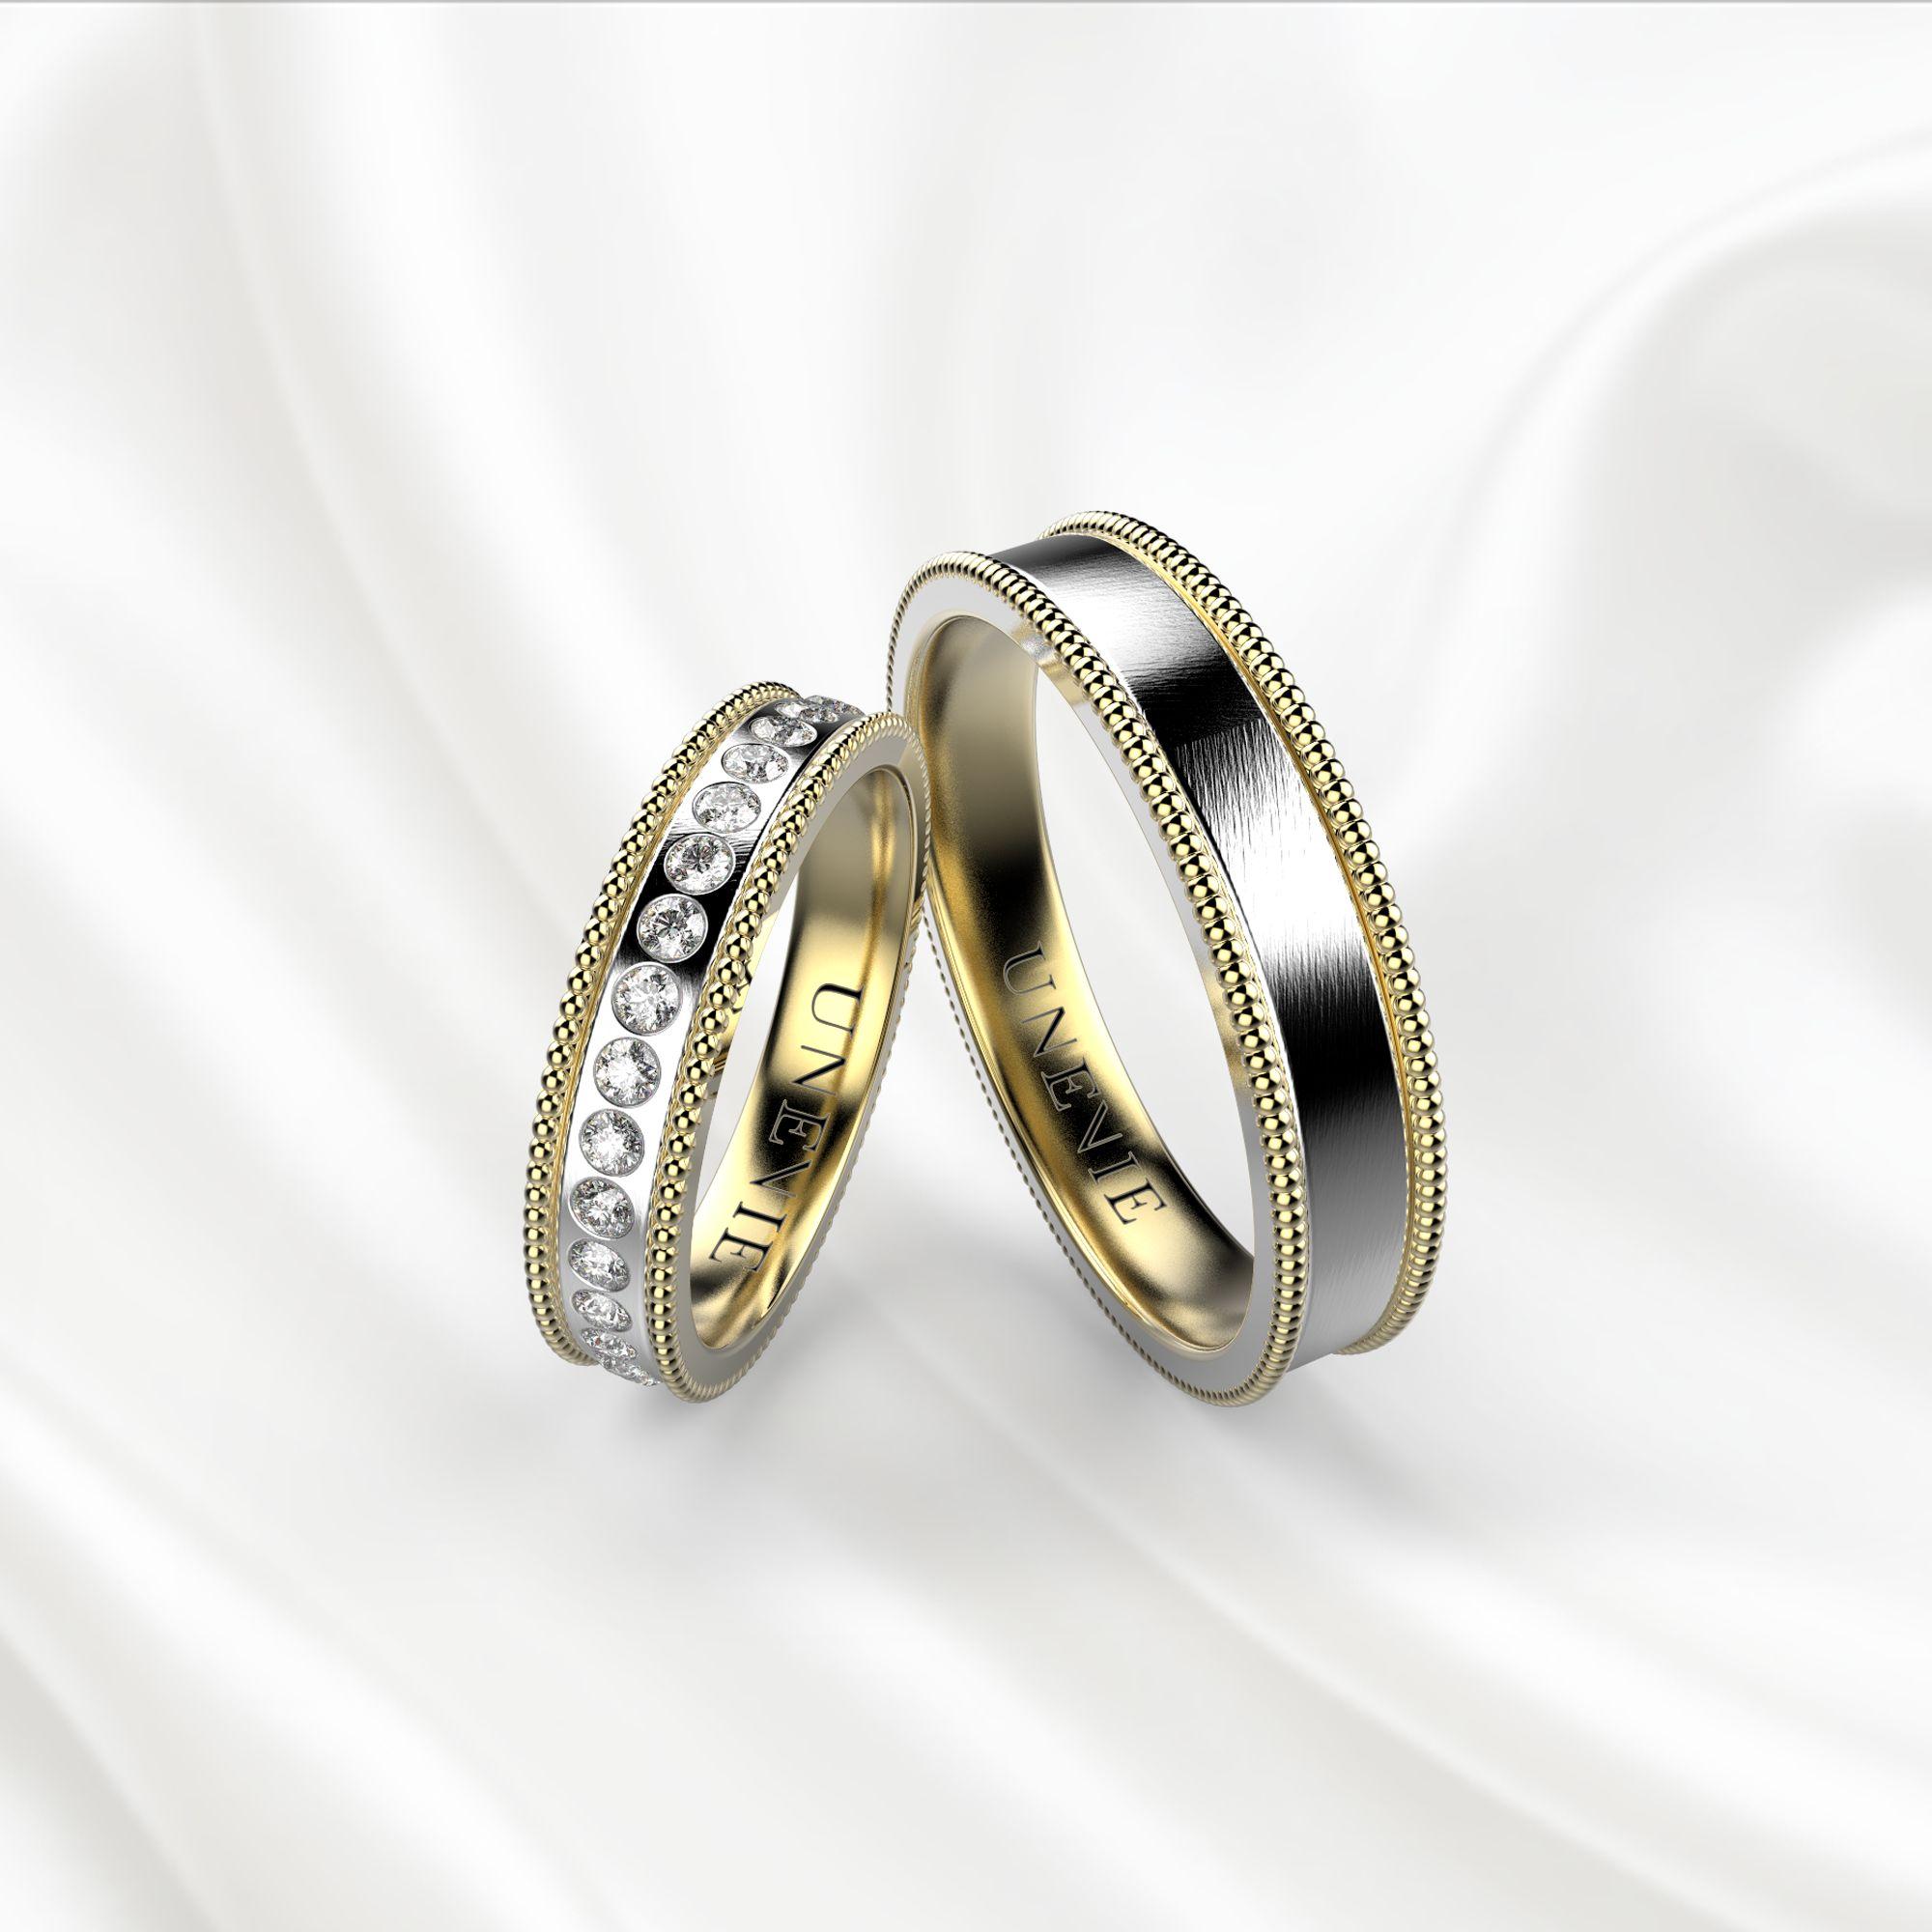 NV8 Обручальные кольца из жёлто-белого золота